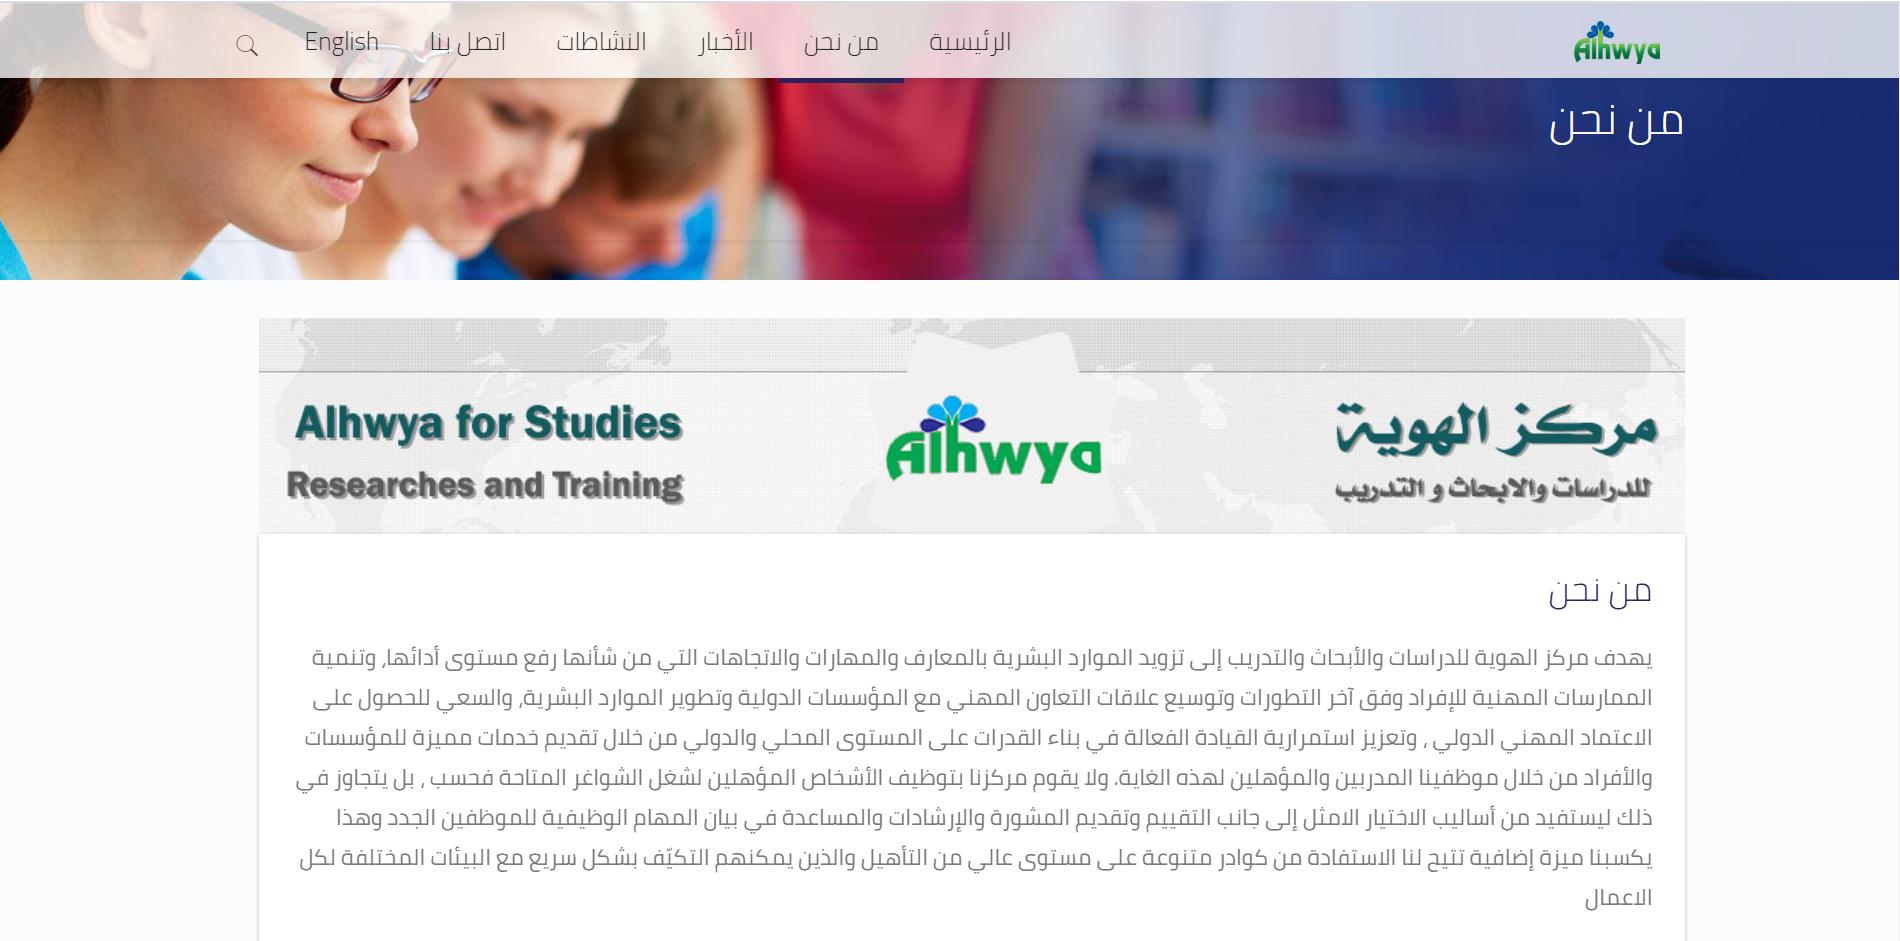 alhwya3